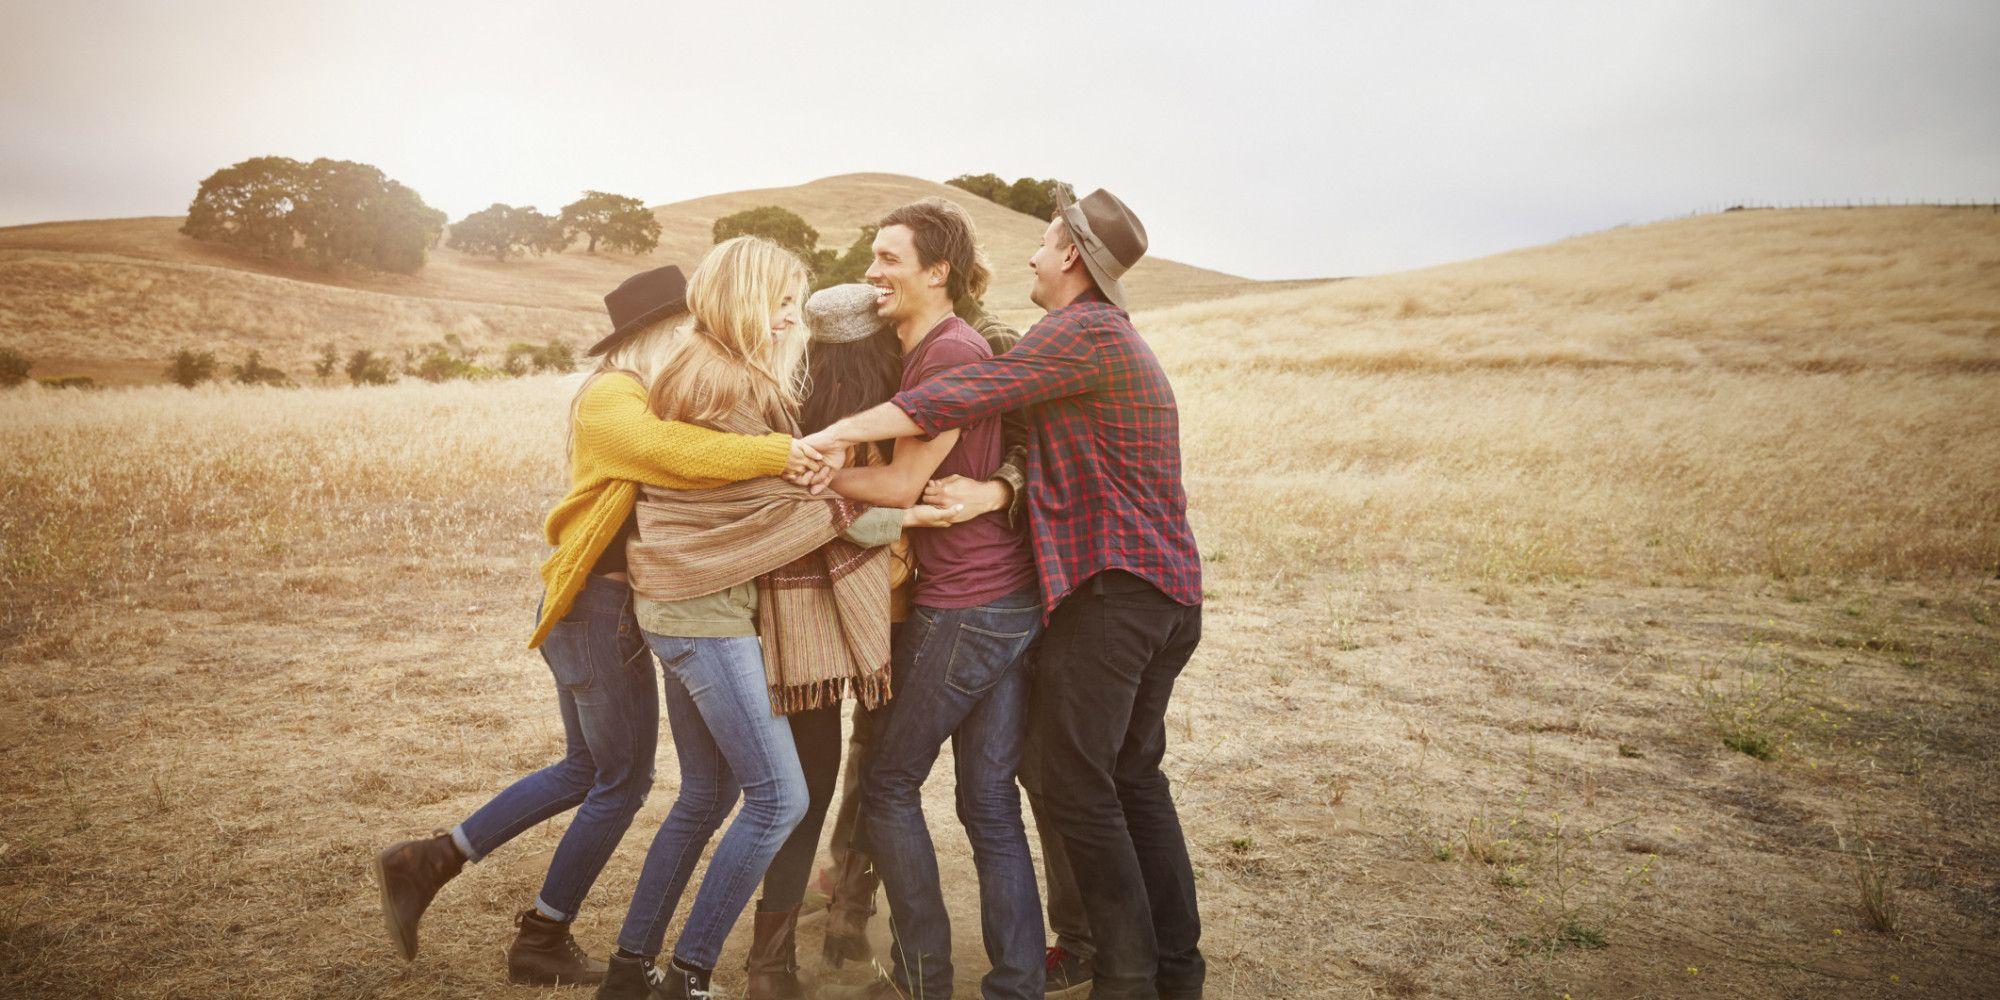 Abbracciarsi fa bene alla salute: ecco 7 benefici